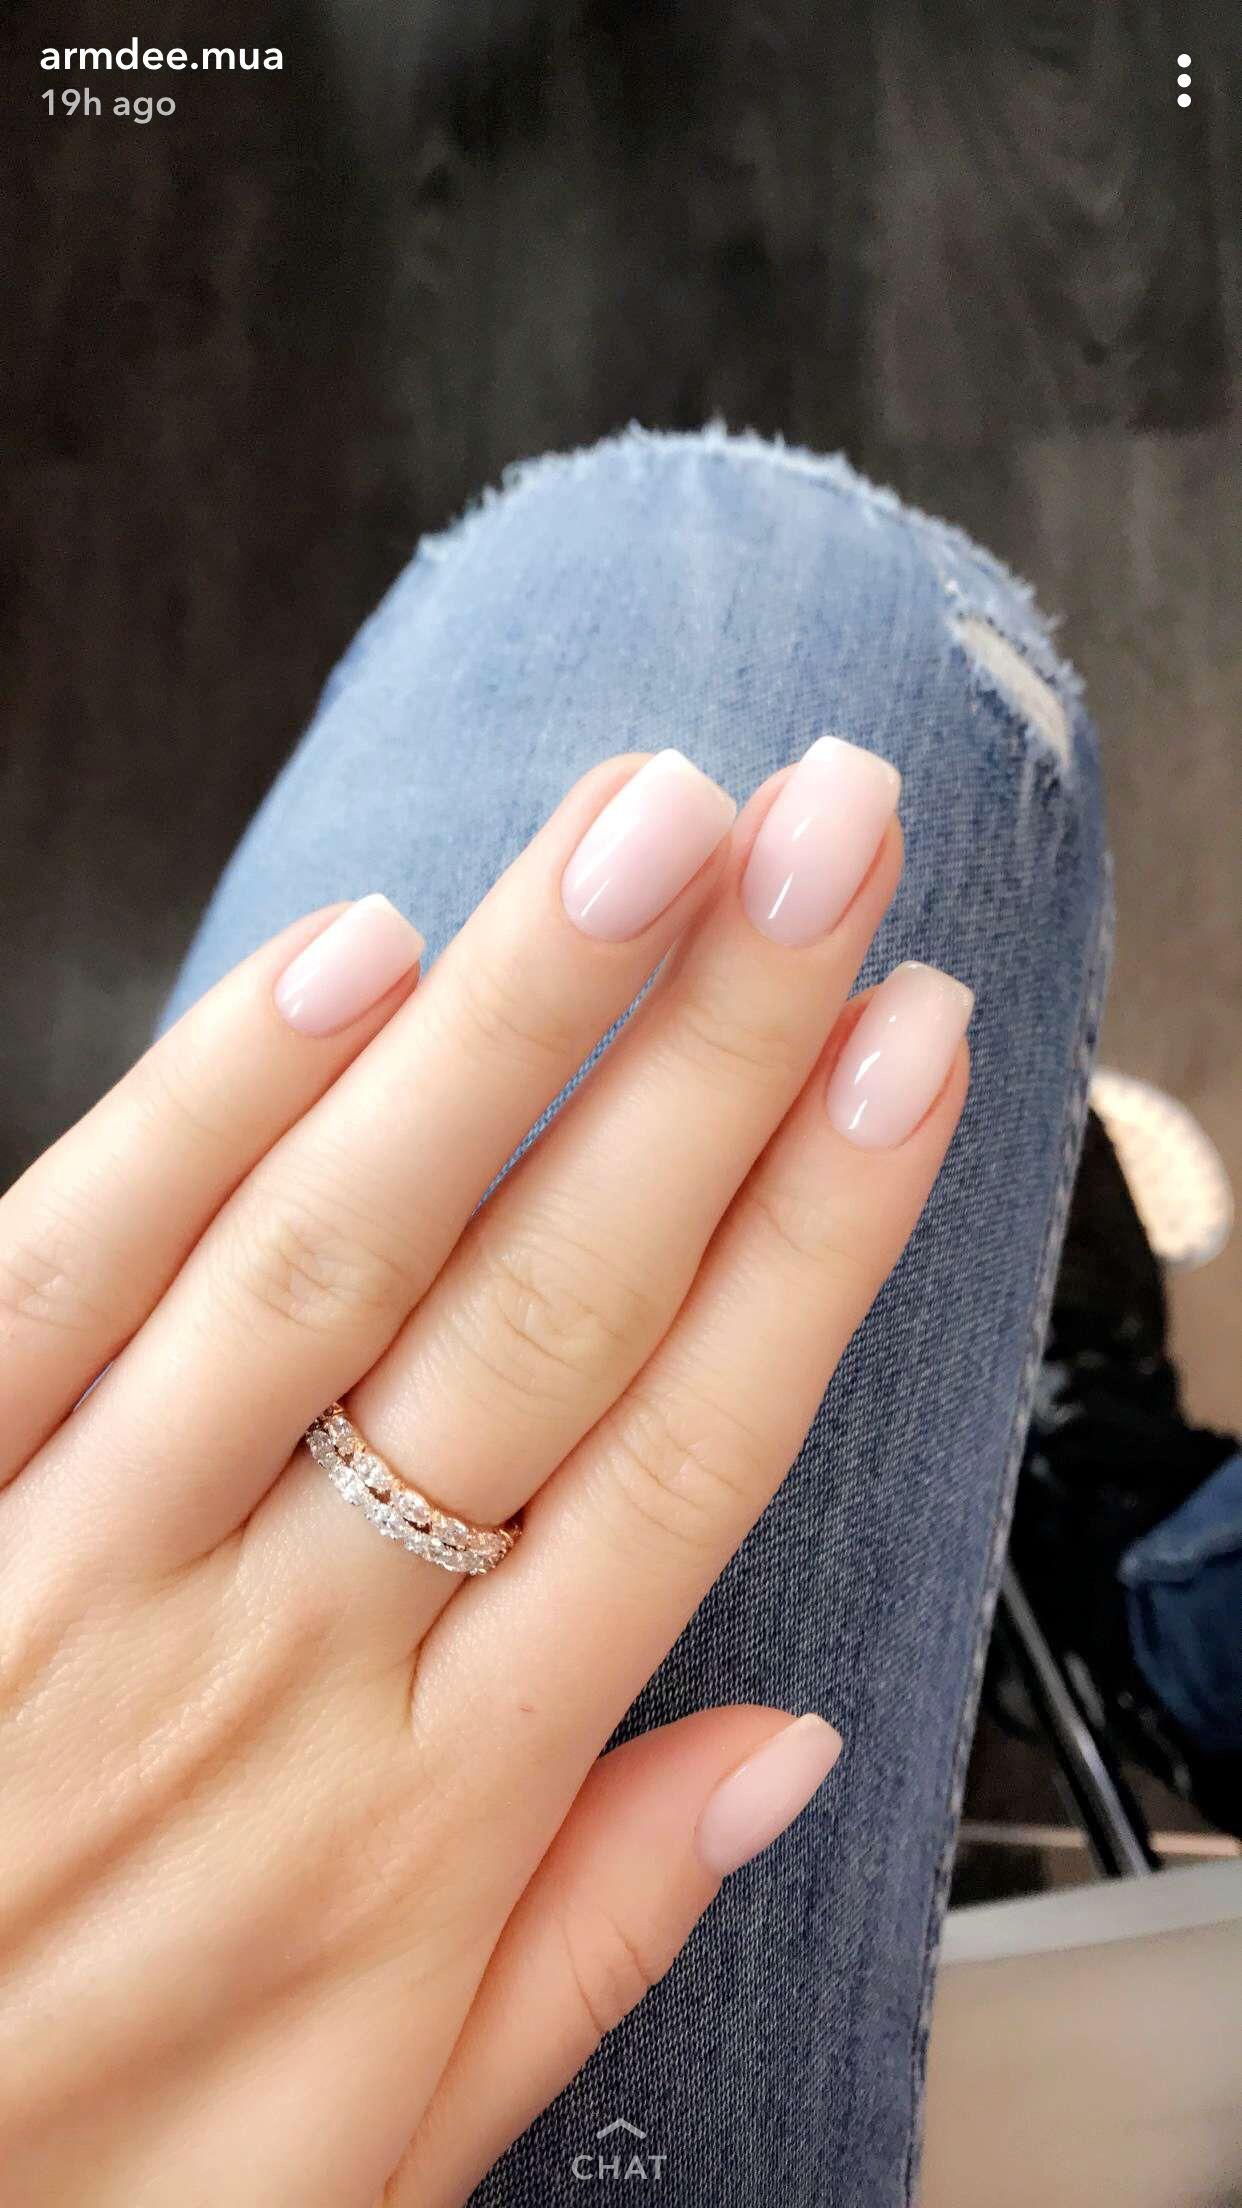 Ana Cabrera Nude pin de ana cabrera en arte de uñas | uñas naturales cortas